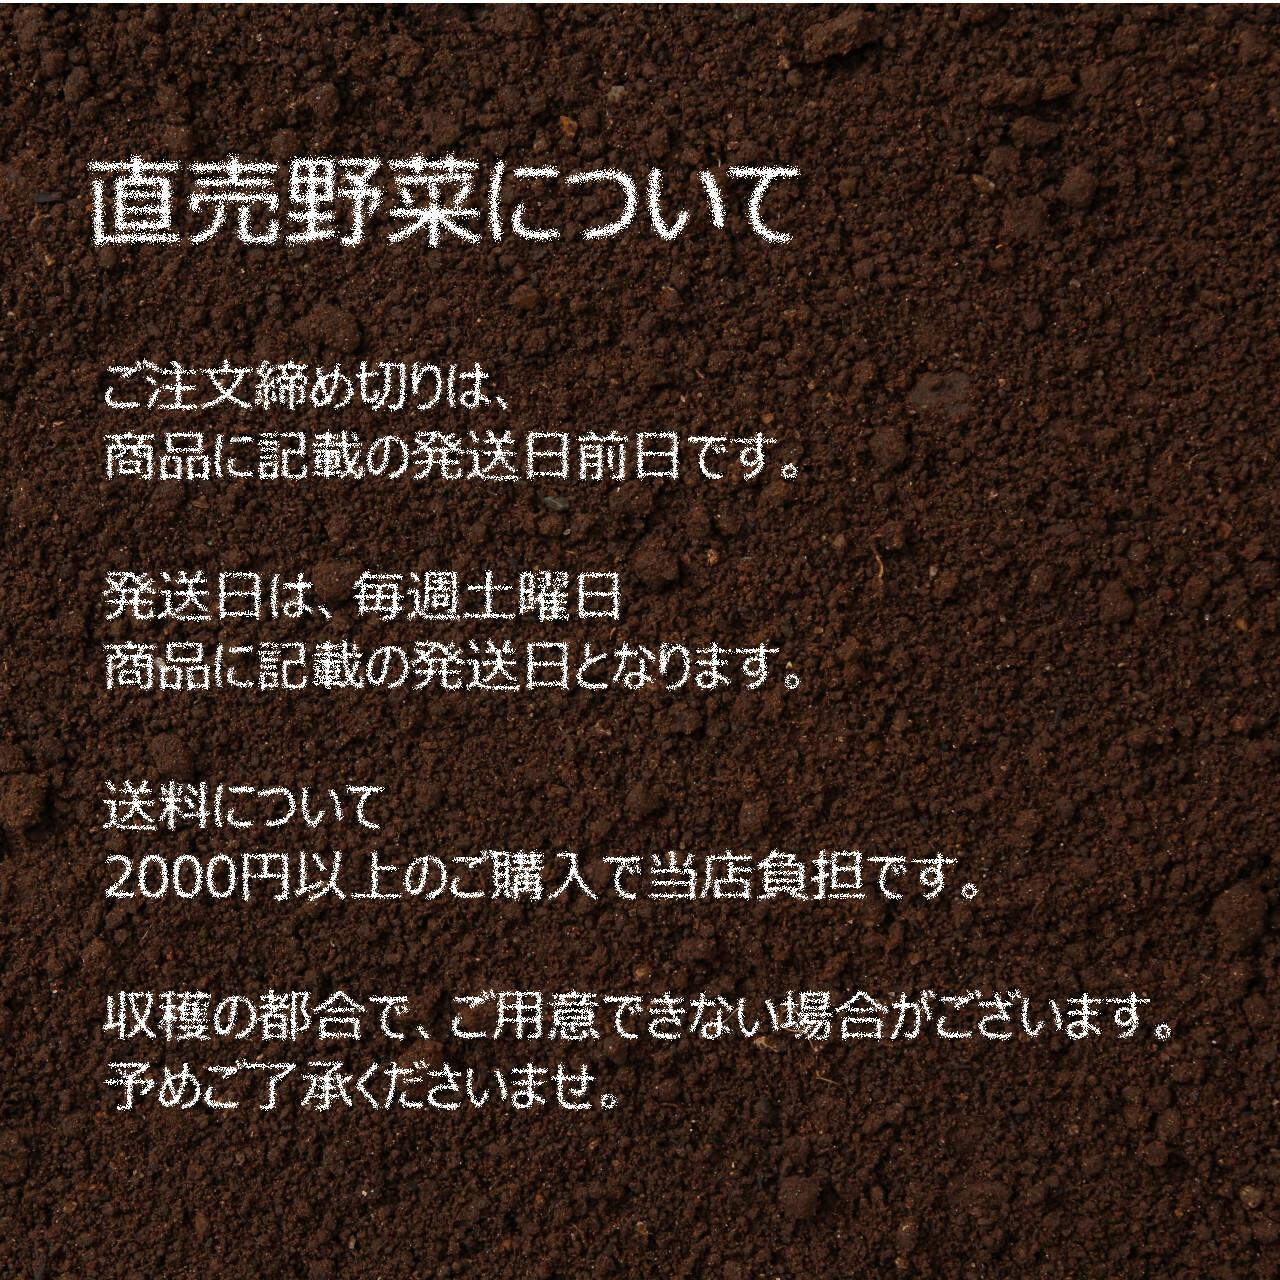 春の新鮮野菜 ガーデンレタス 約150g: 5月の朝採り直売野菜 5月30日発送予定